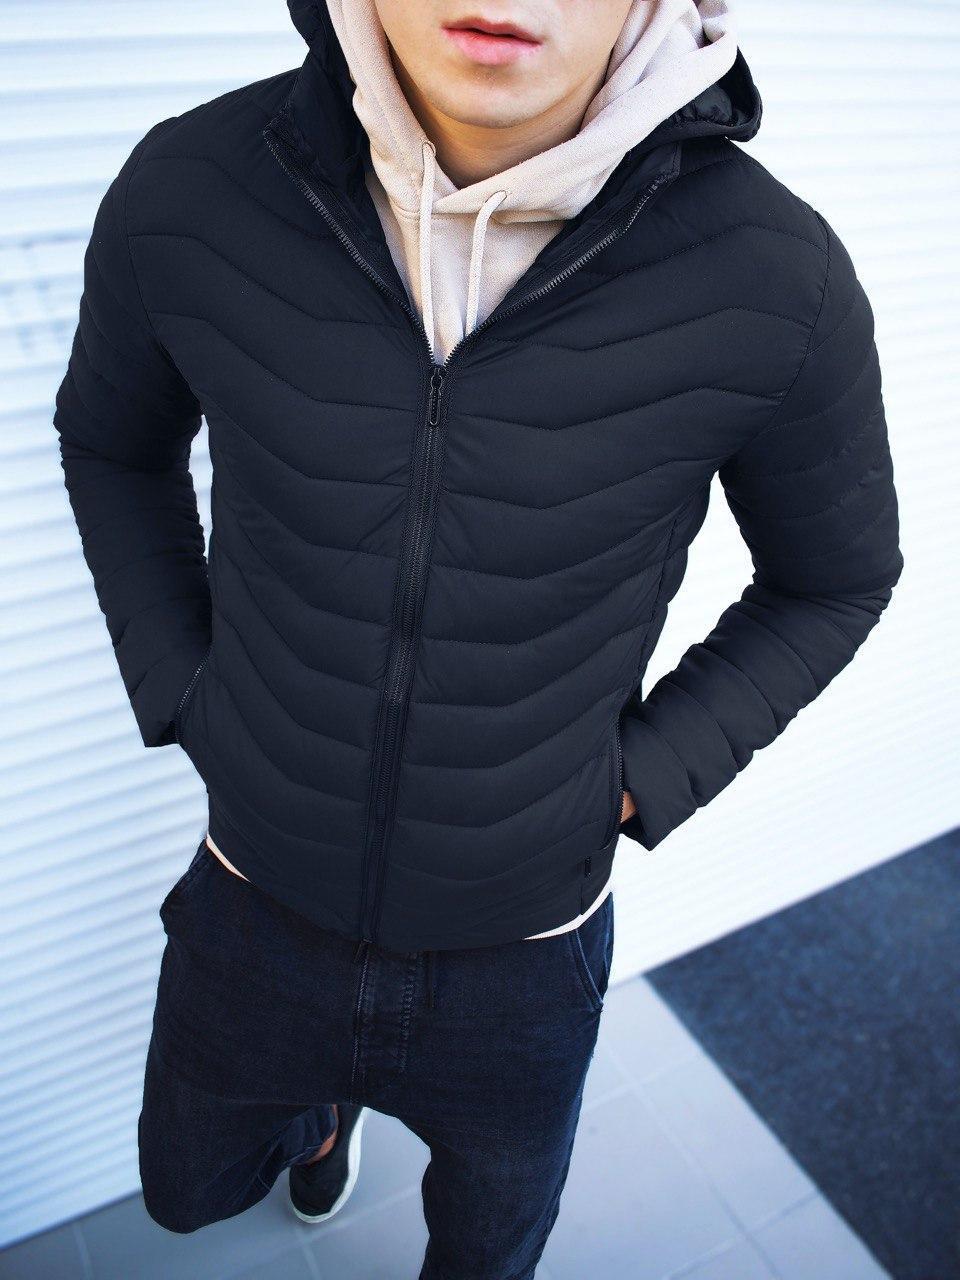 Мужская куртка капюшон стеганая черная